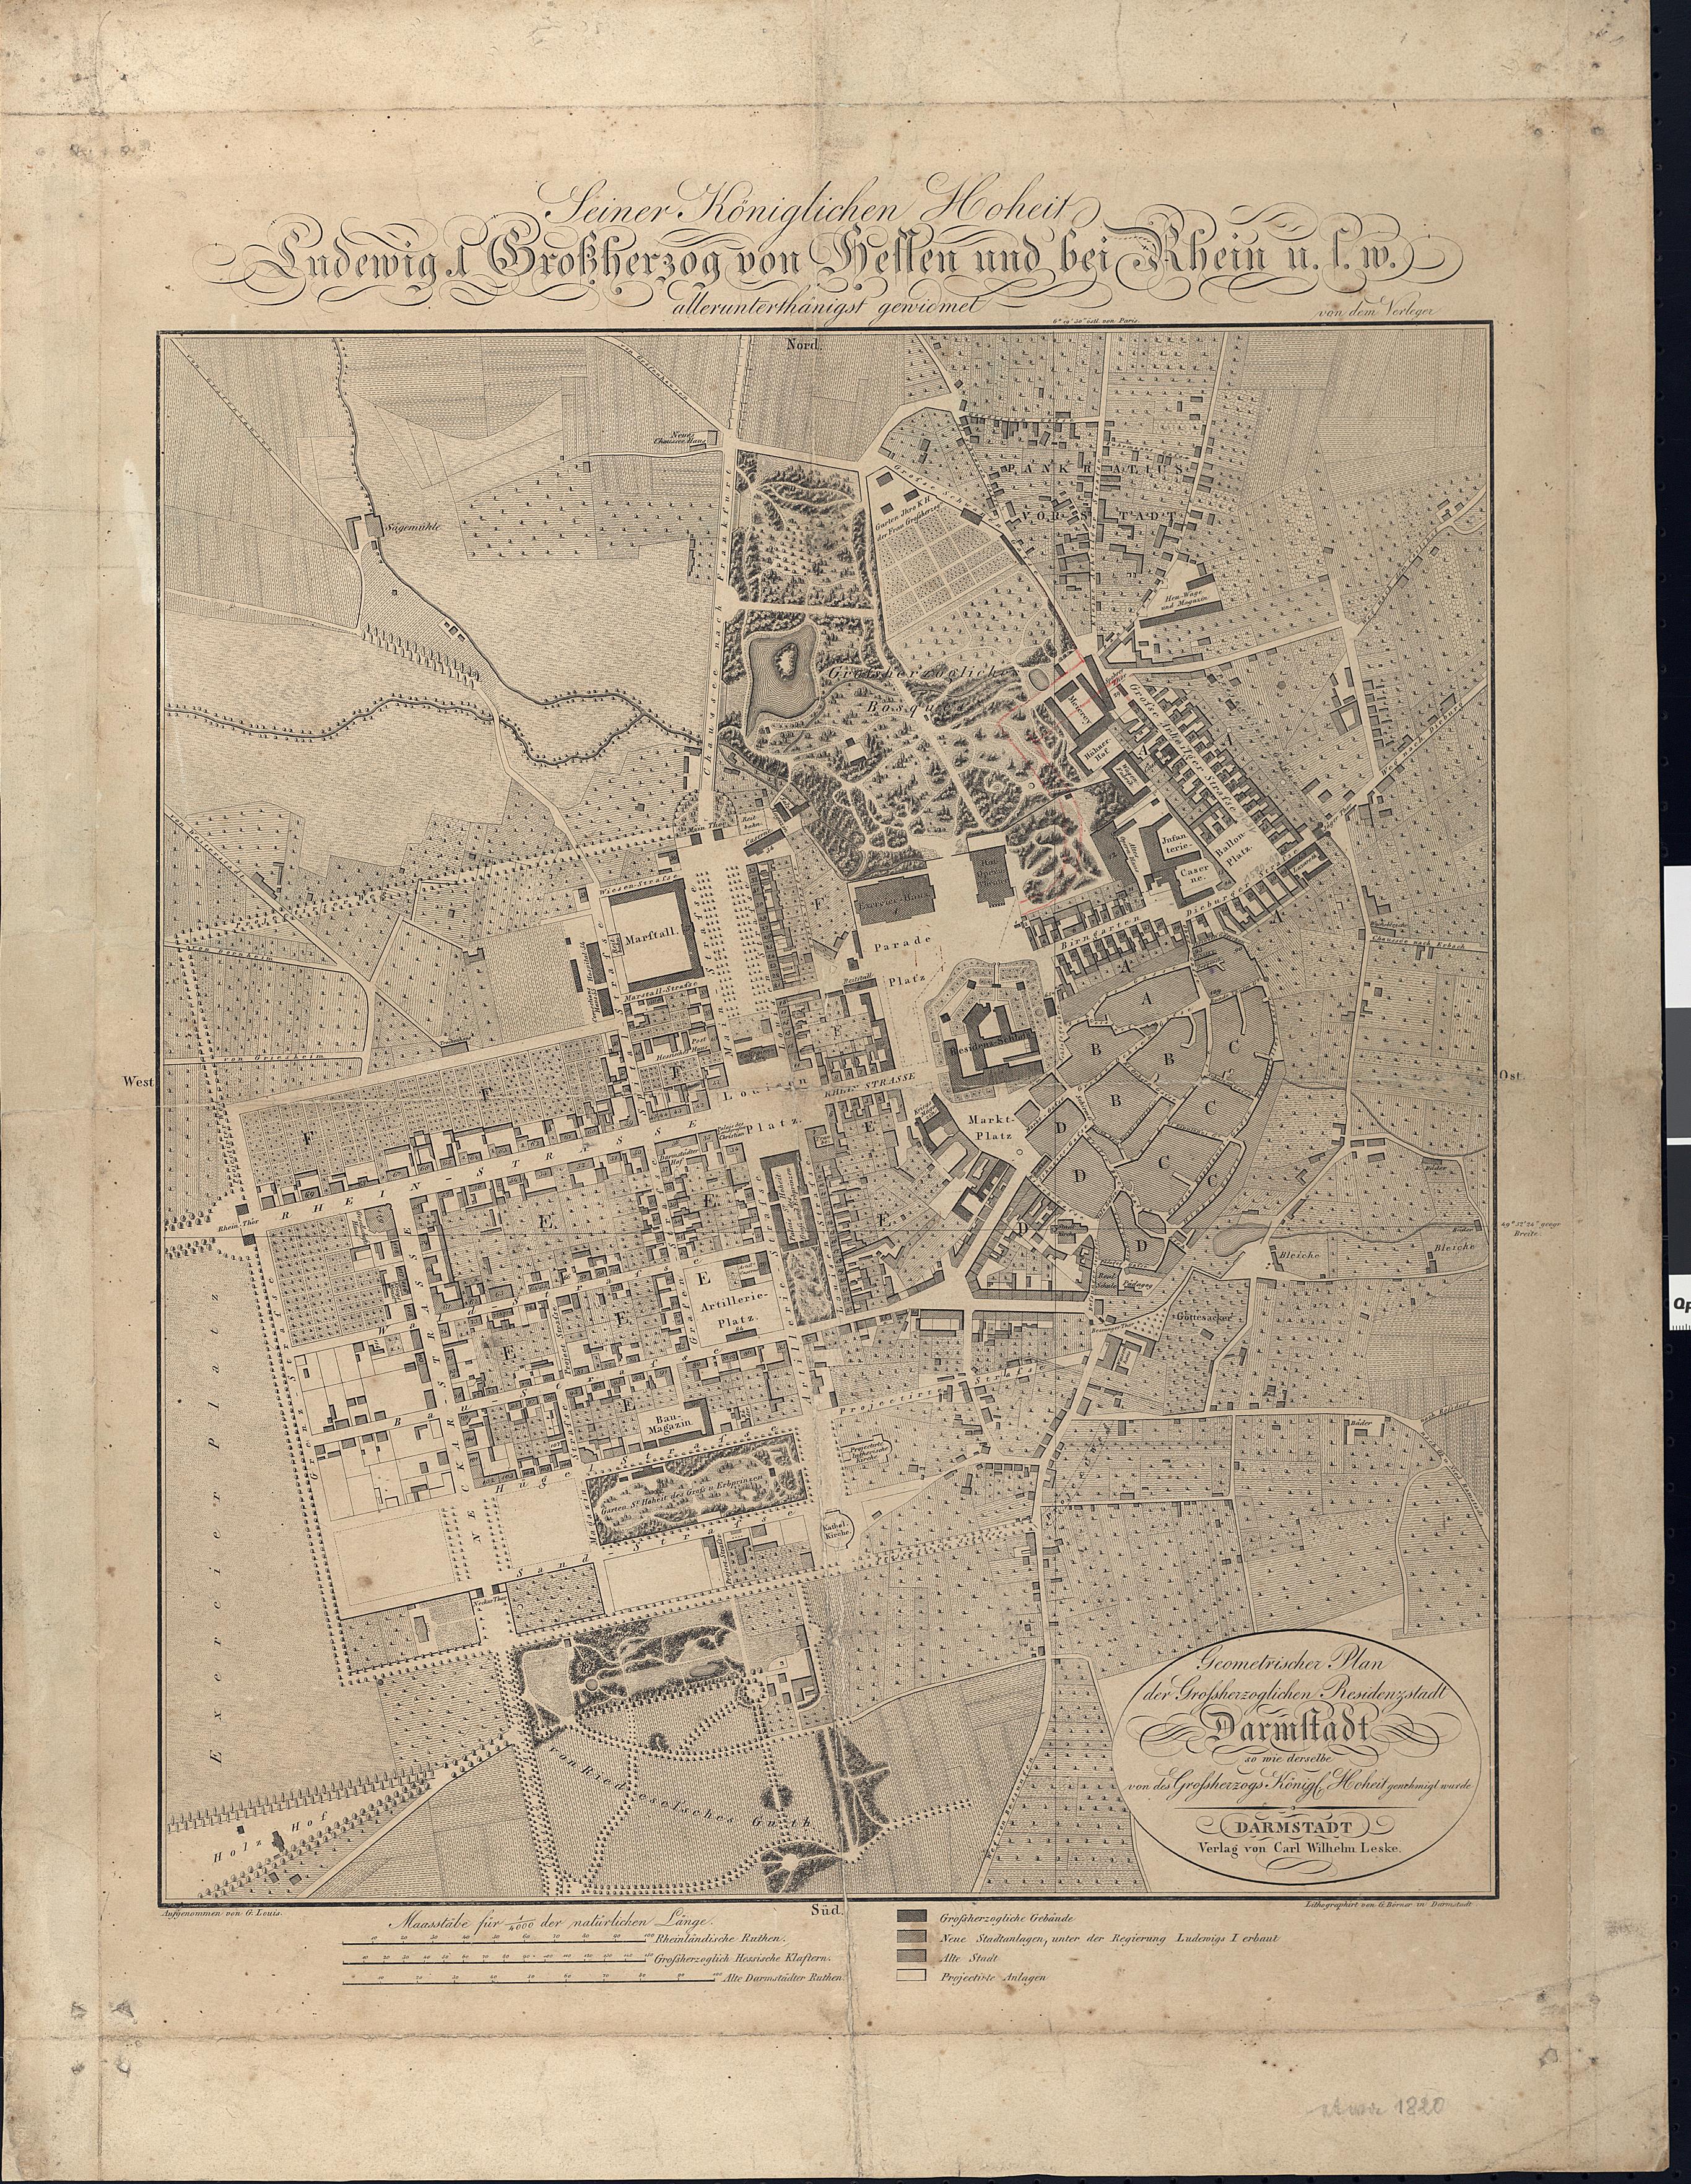 Geometrischer Plan der Großherzoglichen Residenzstadt Darmstadt, 1822, Stadt DA Best. 51 Nr. 1/1